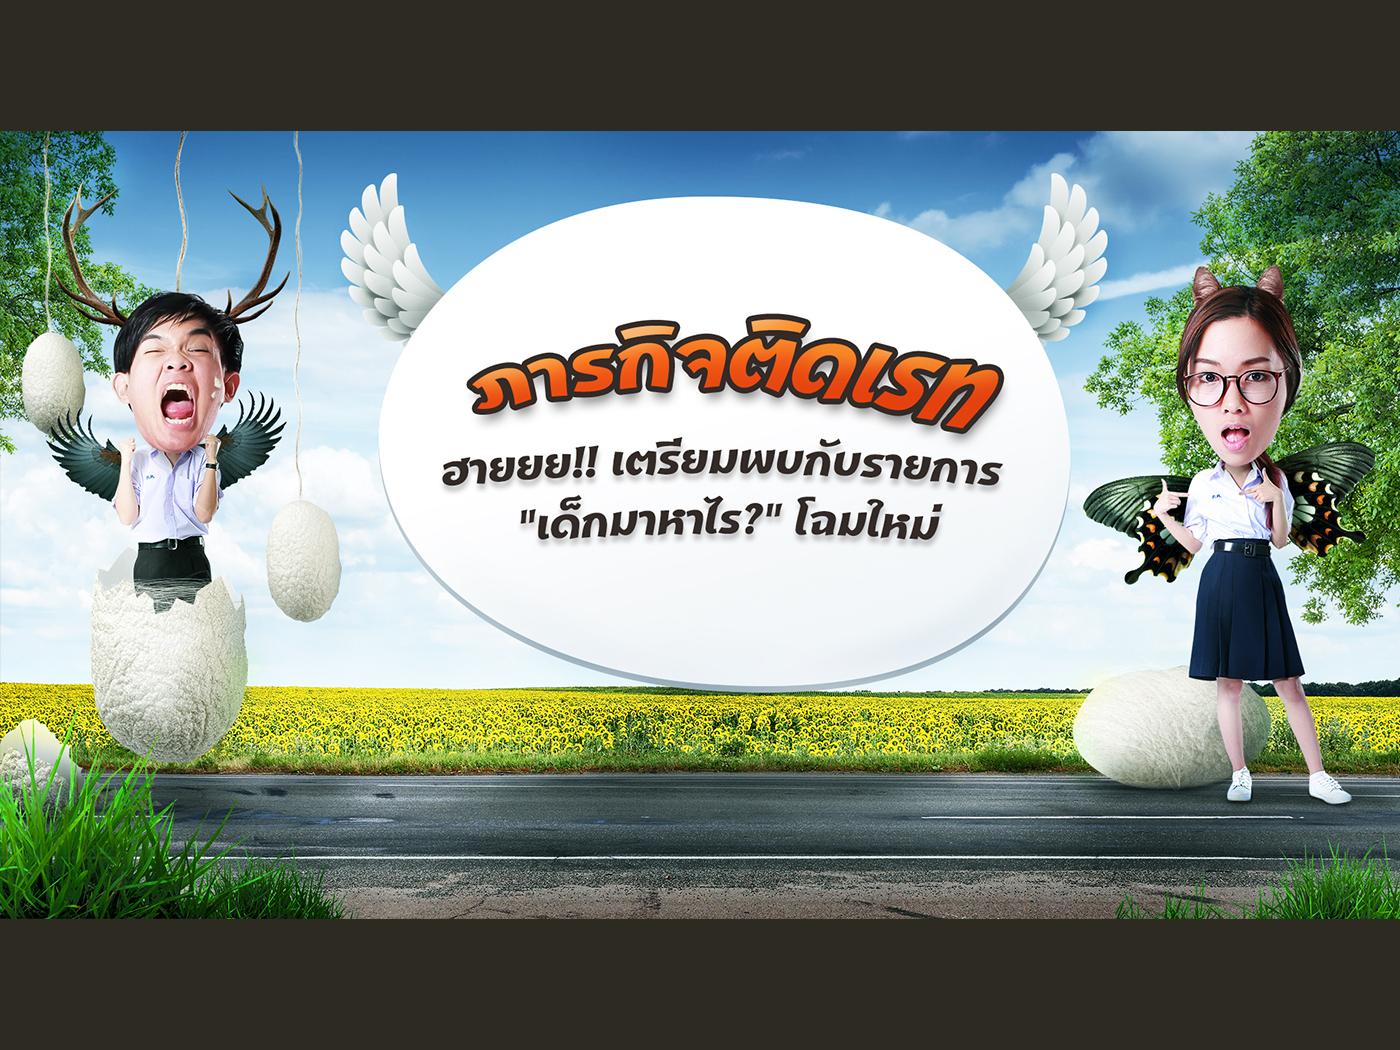 BG VDO dekmaharai 2 vdo retouching print poster graphic designer direction design creative ad